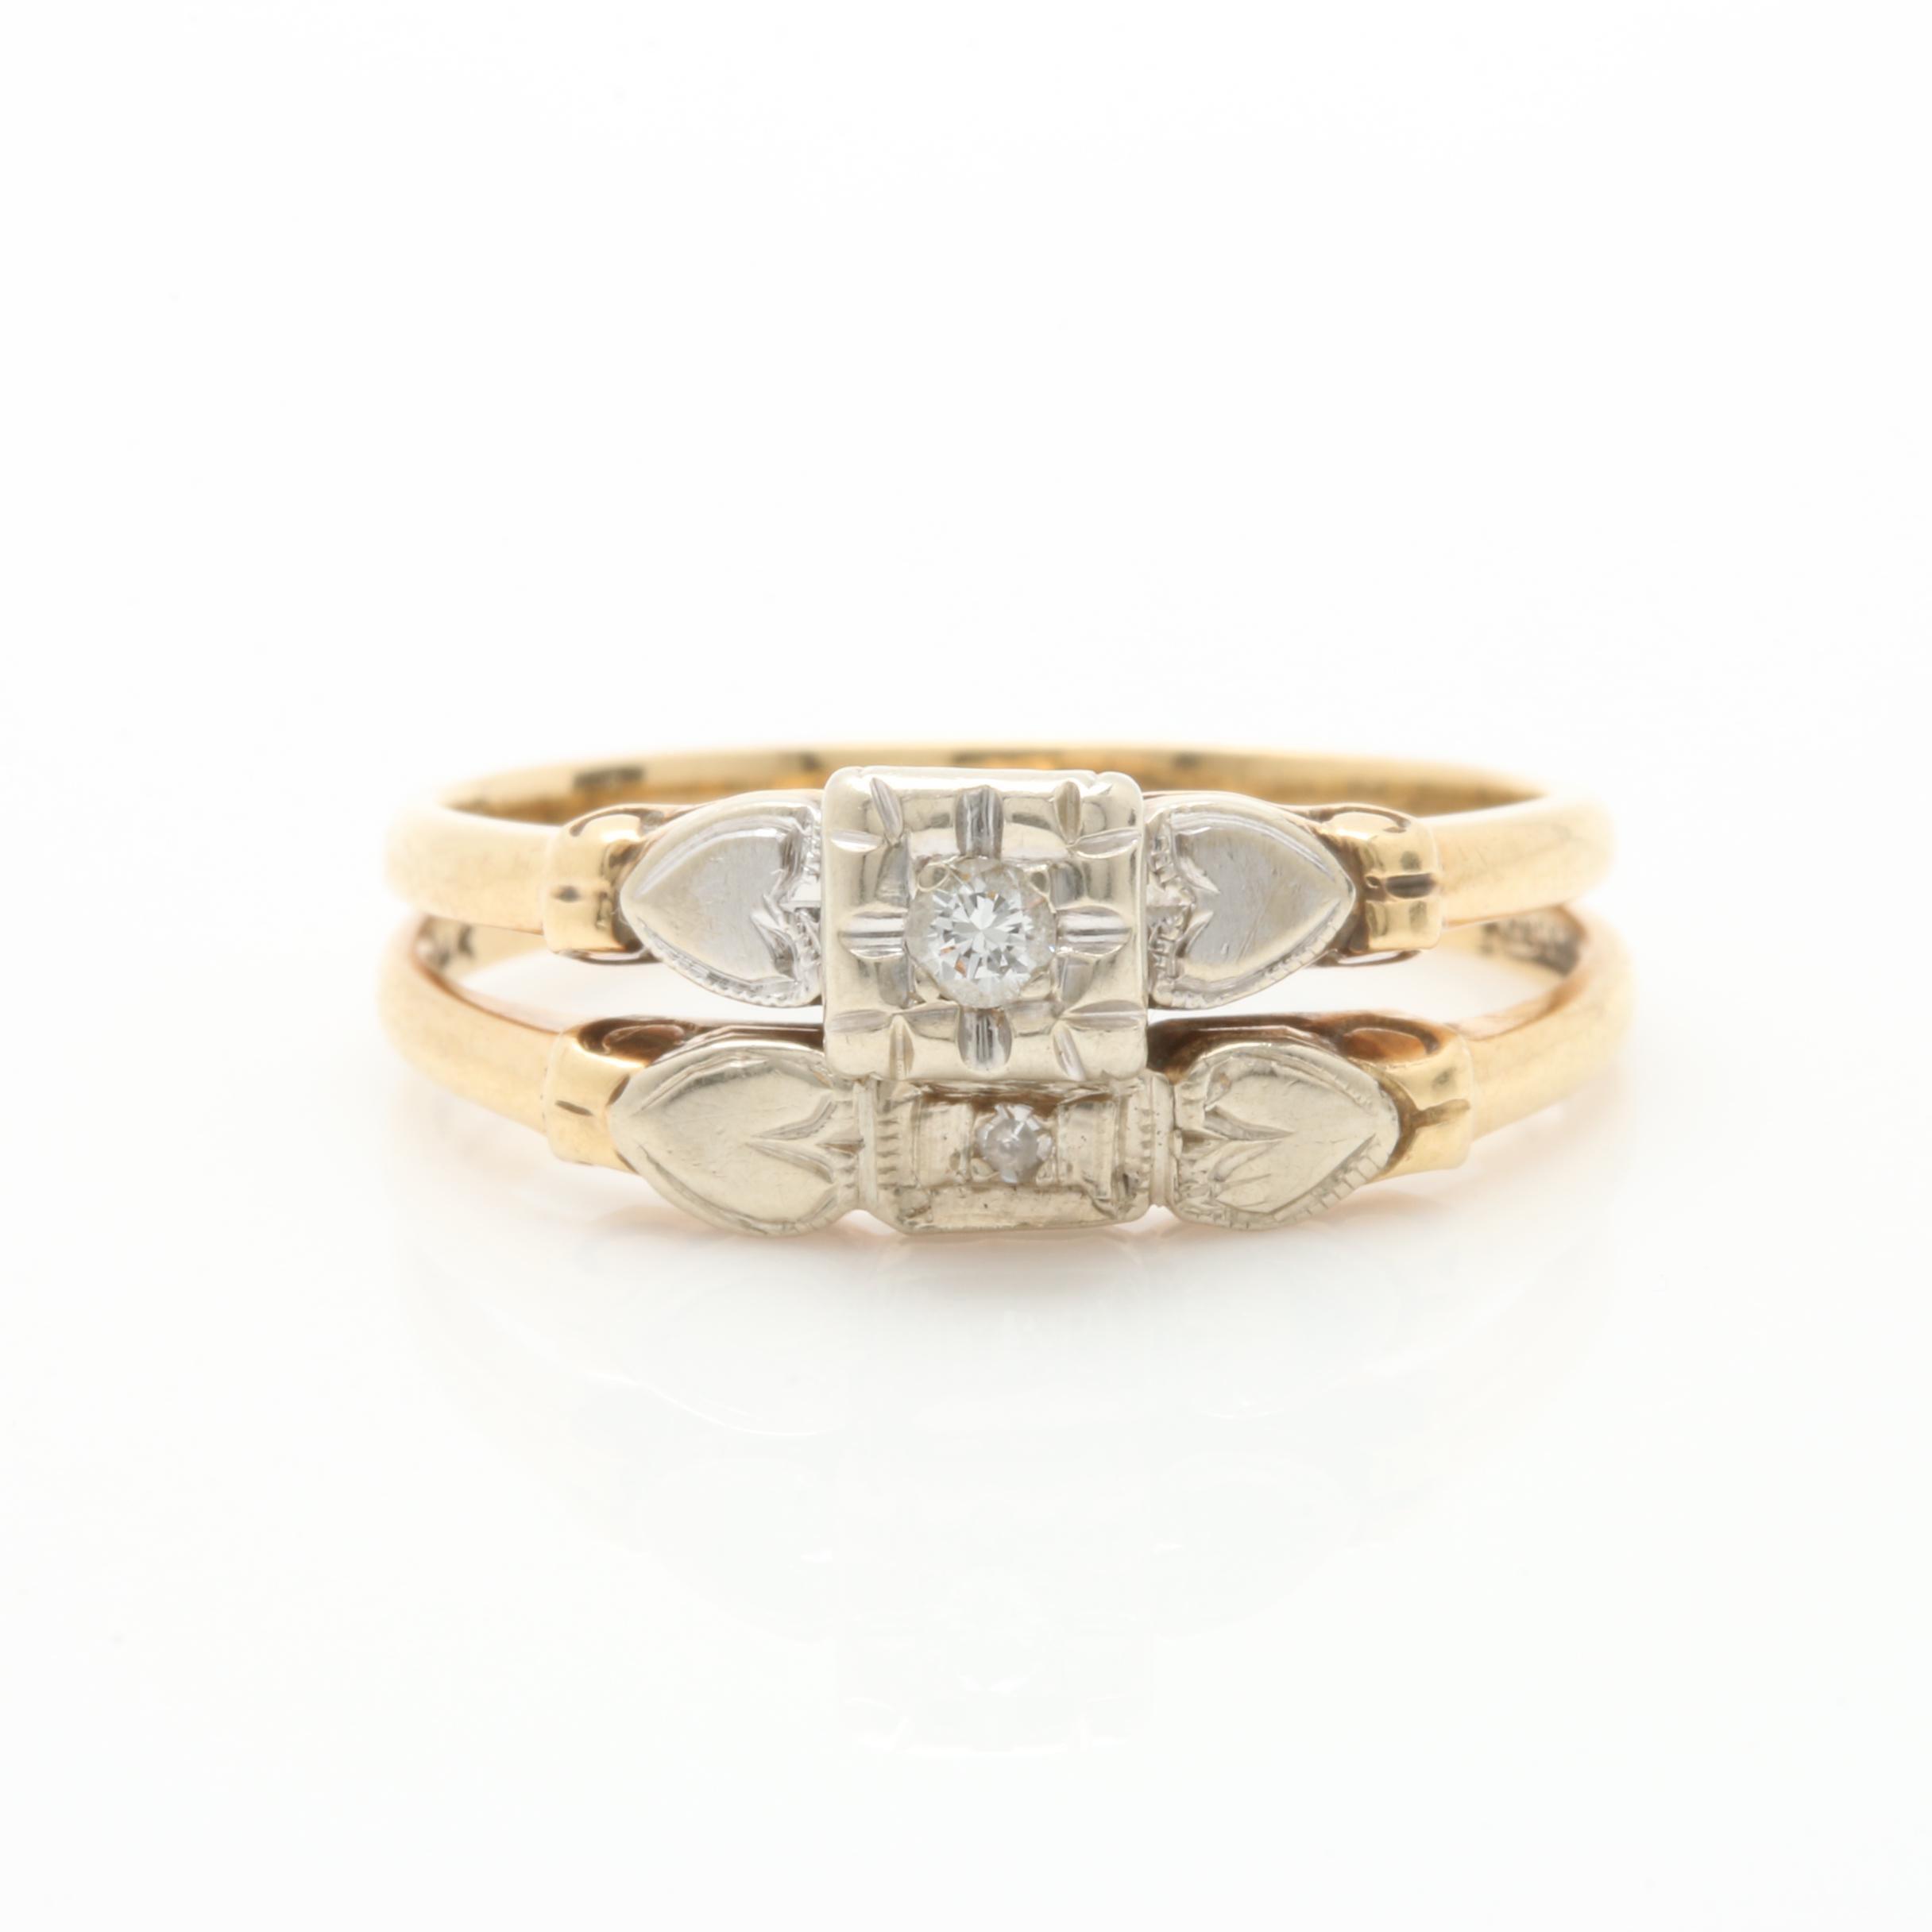 Vintage Keepsake 14K Yellow Gold Diamond Ring Set